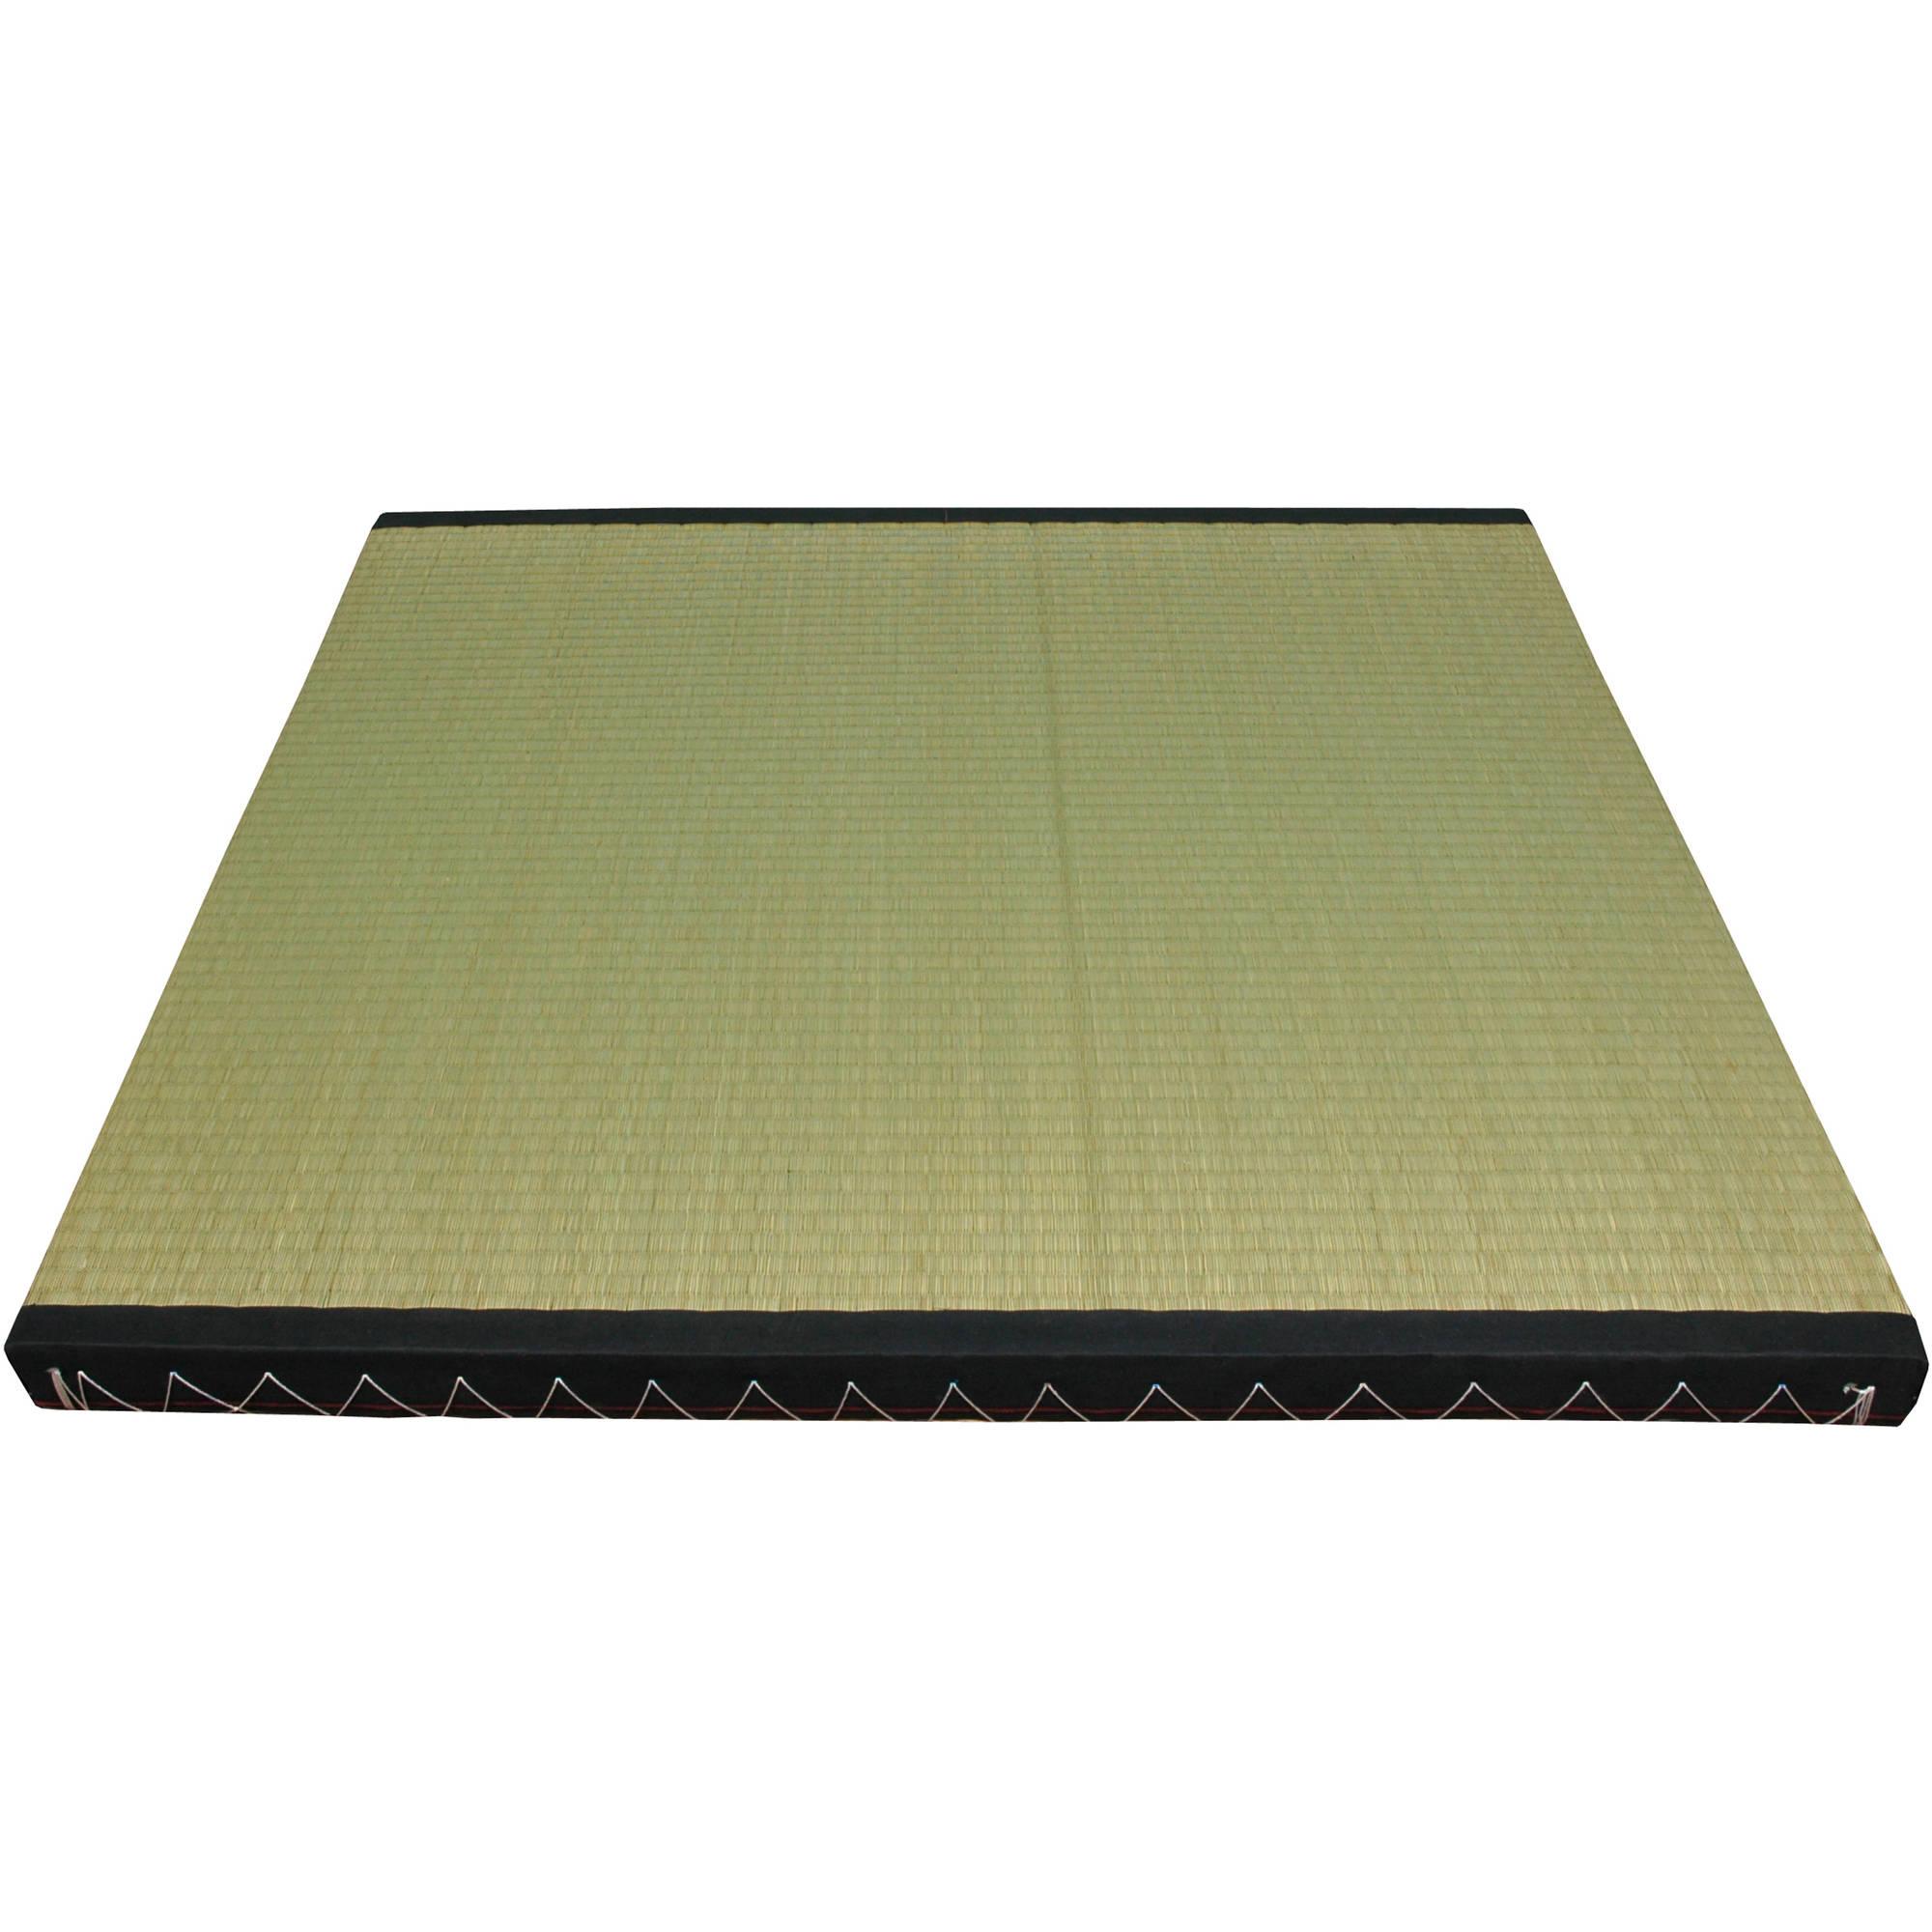 3' x 3' Tatami Mat, 36 Piece Set